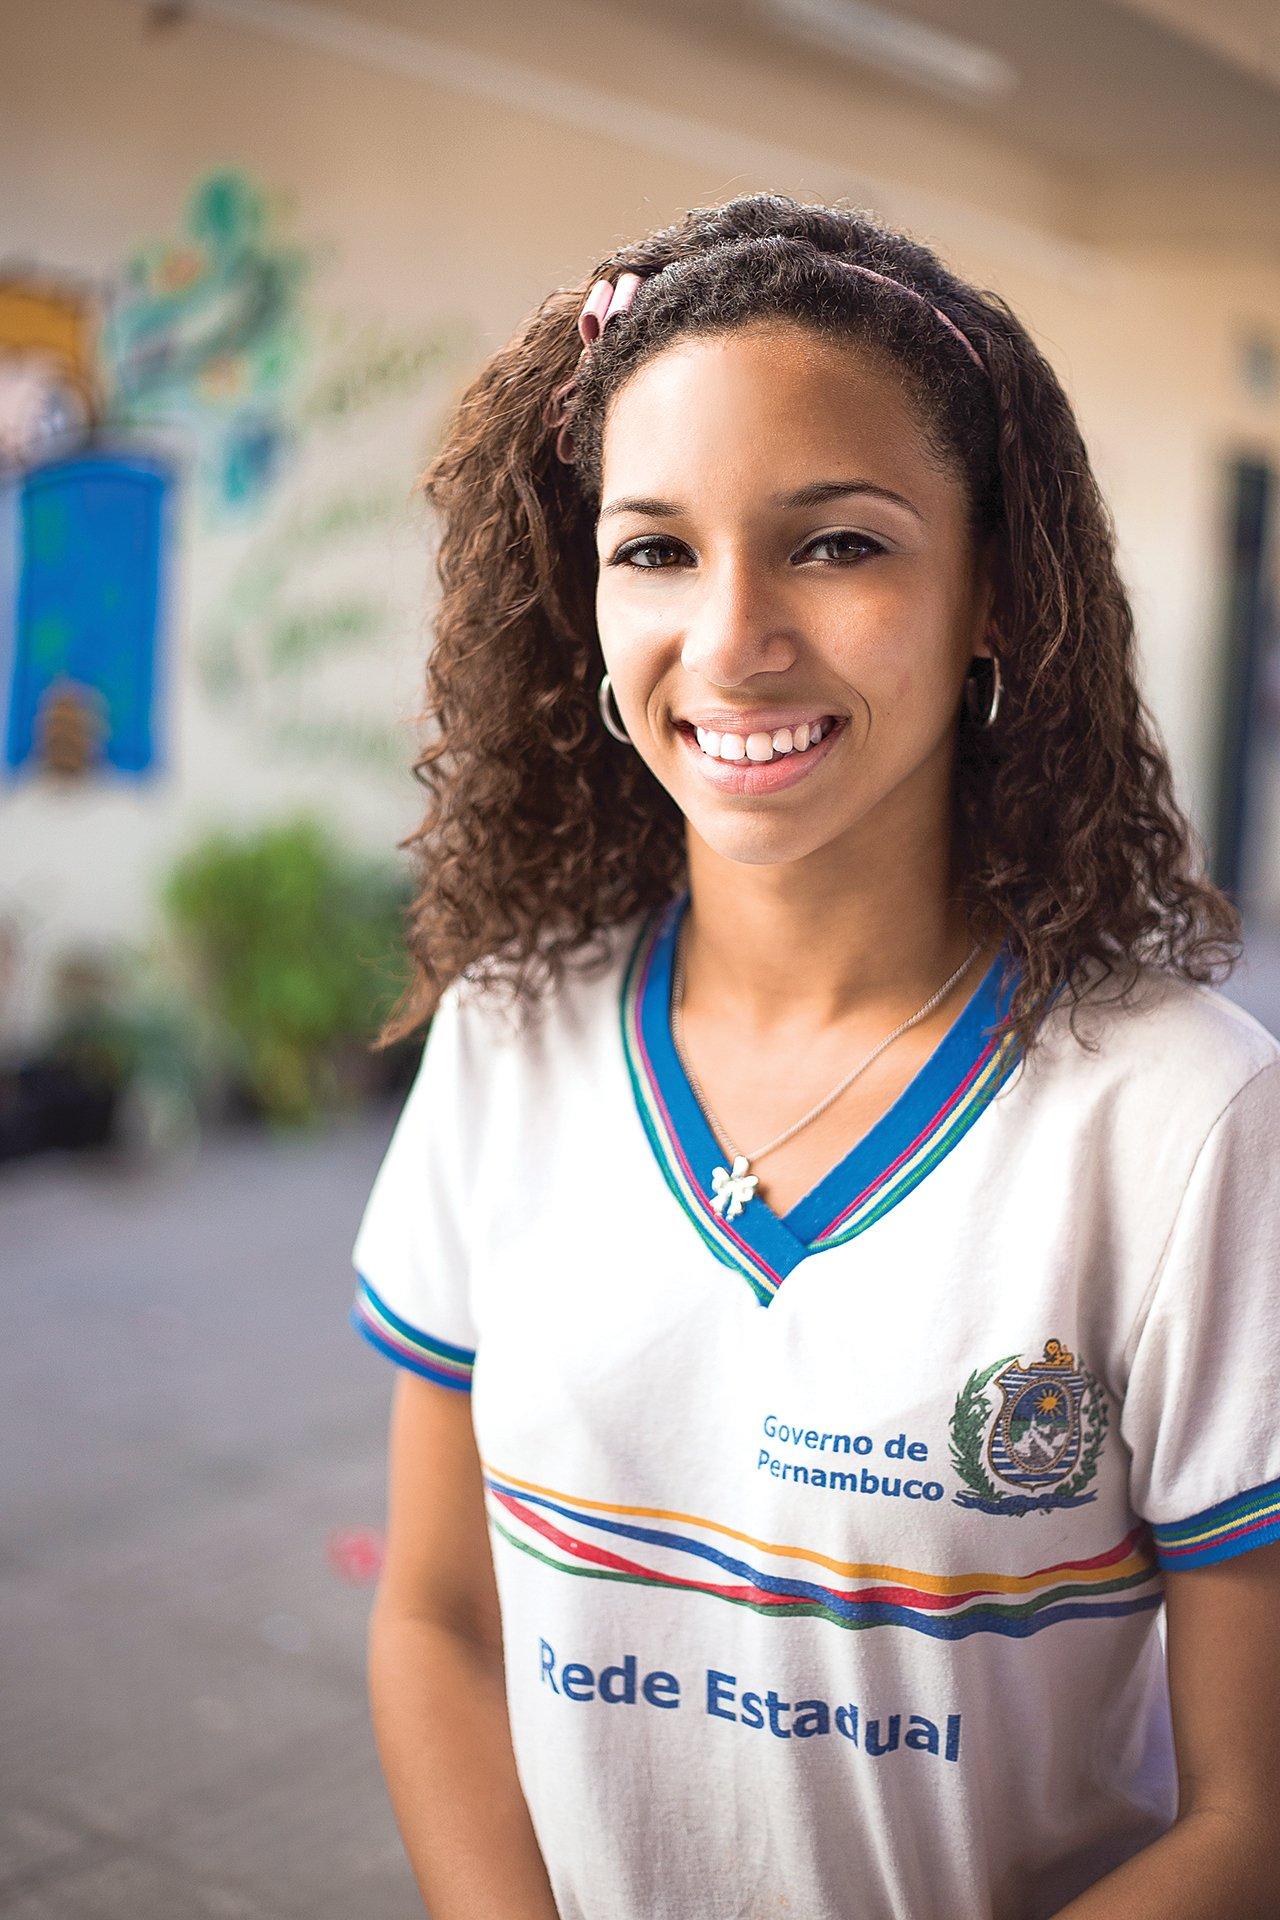 Retrato de Larissa Aline Maciel da Silva, 14 anos, aluna da 8ª série (Crédito: Raoni Maddalena)